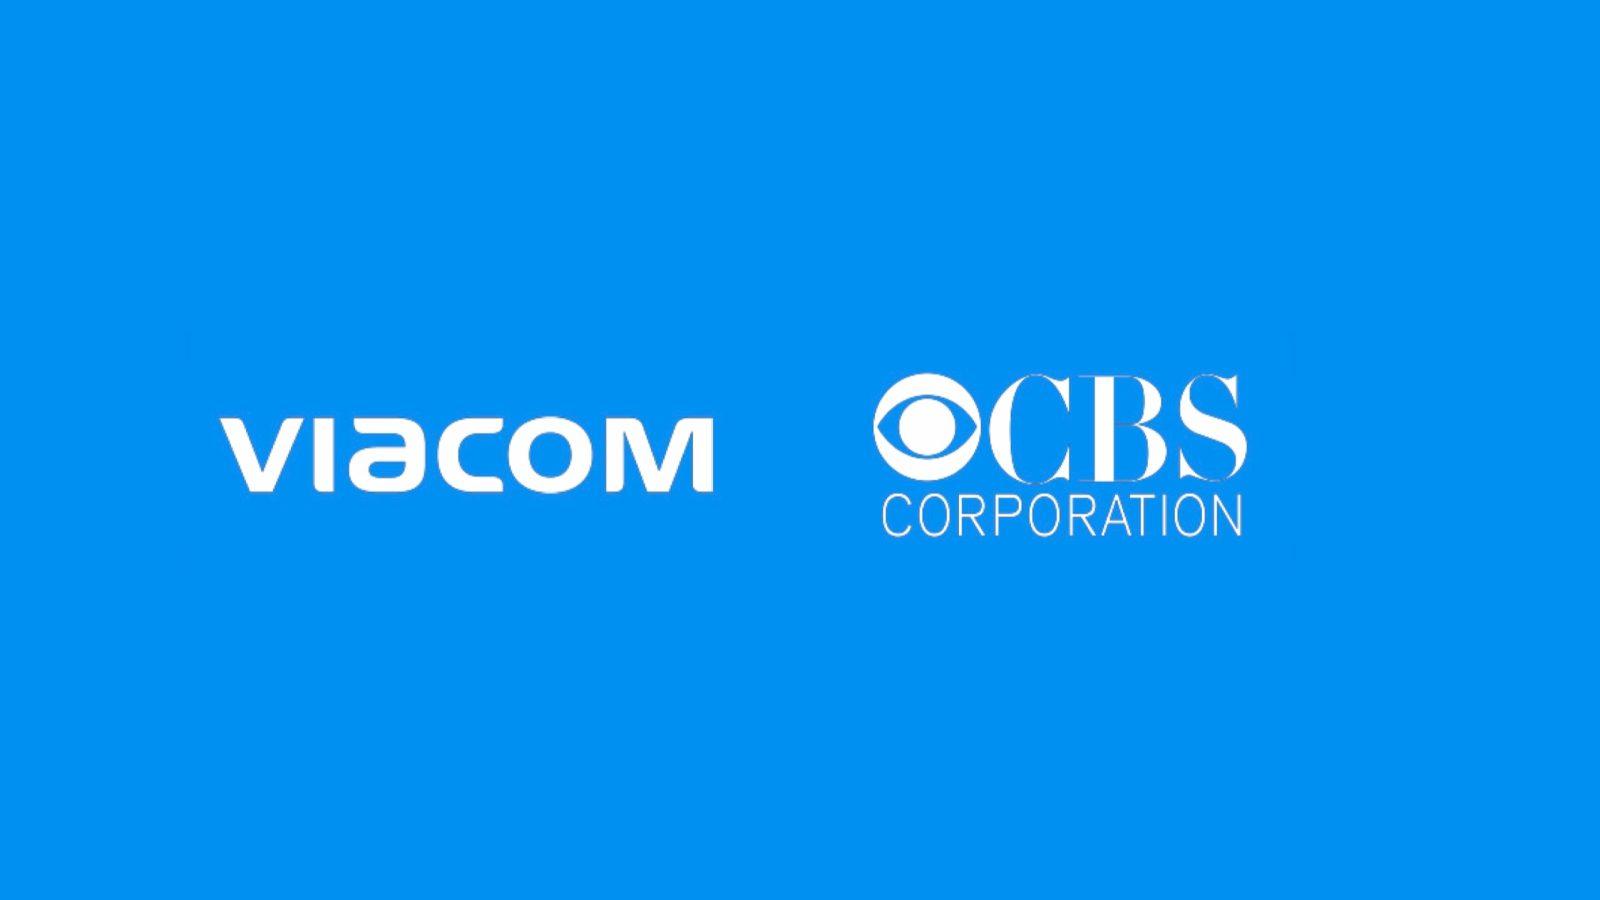 Viacom and CBS agree to merger, forming $30 billion 'ViacomCBS' content company